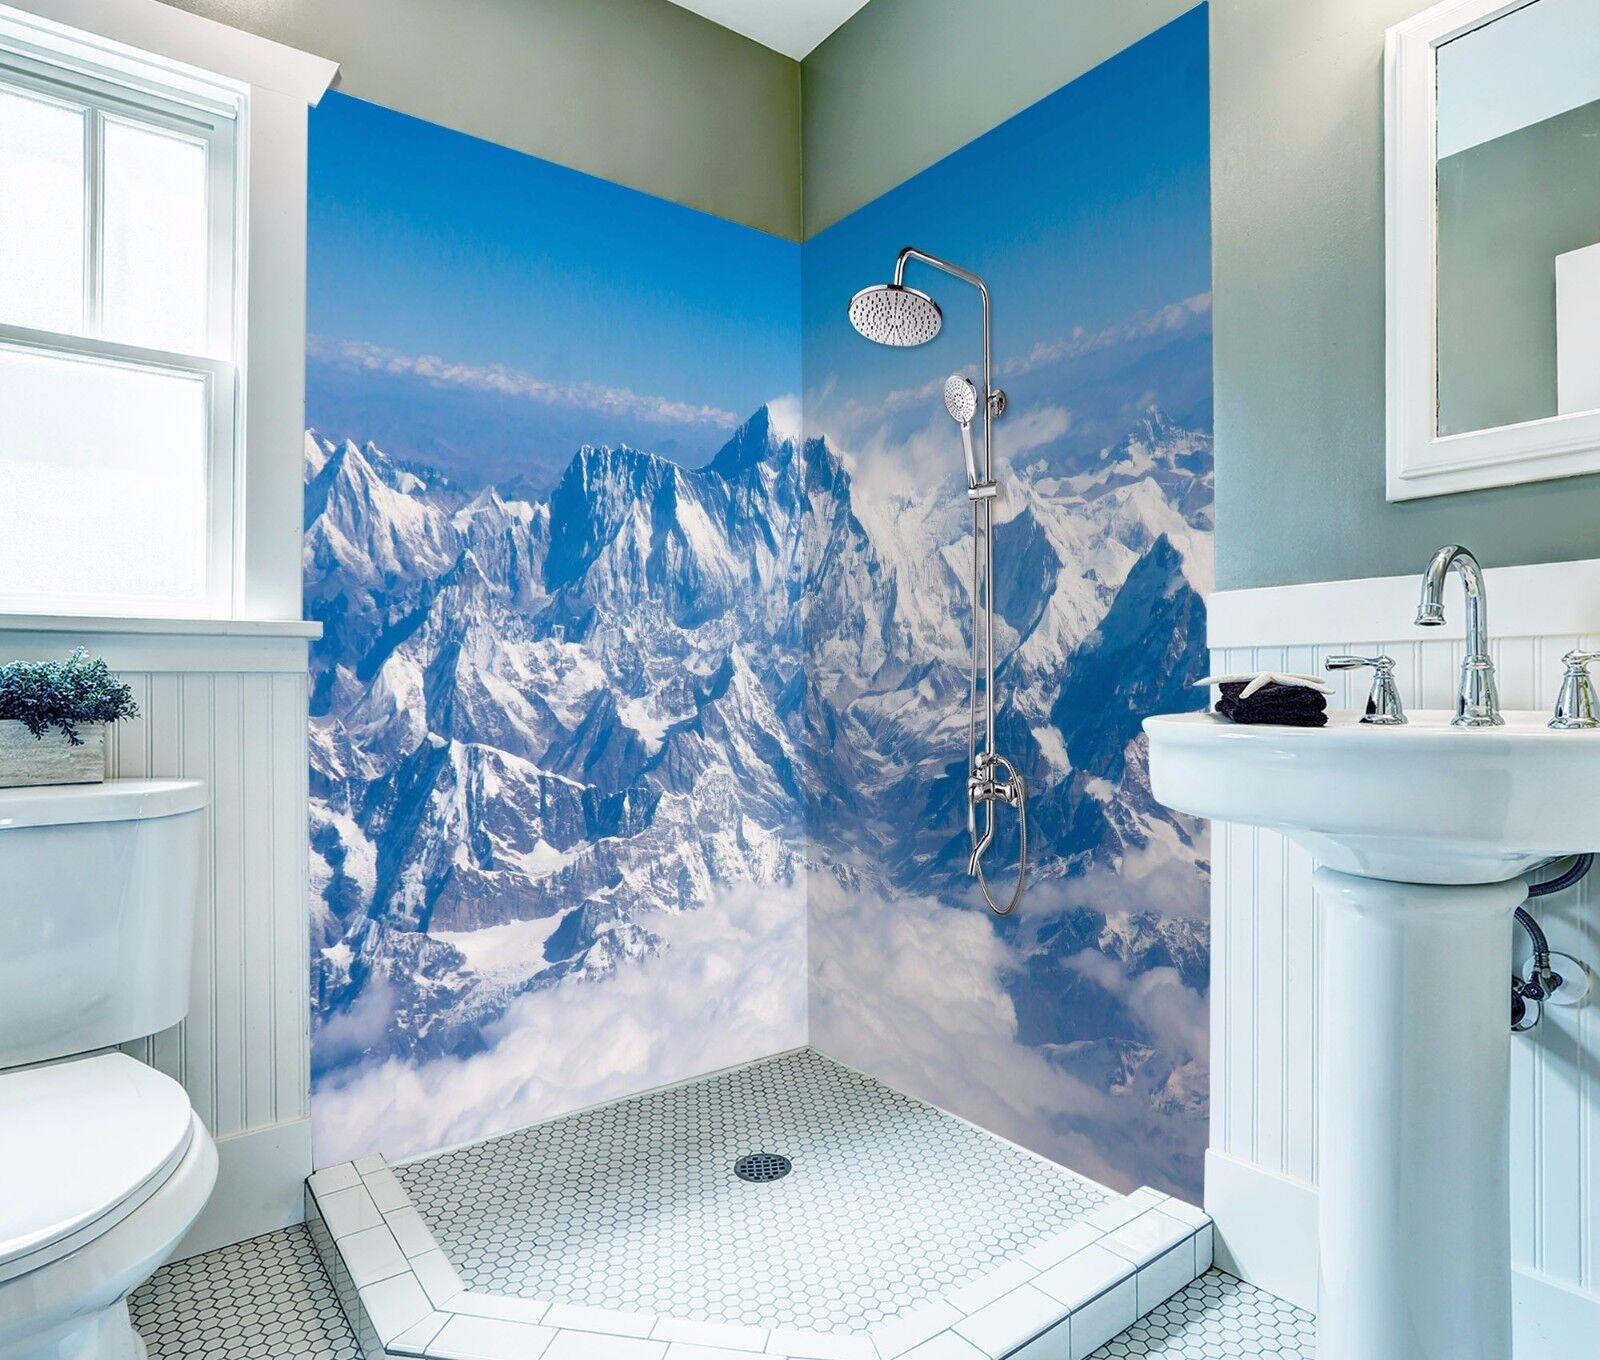 3D Snow Mountain 425 WallPaper Bathroom Print Decal Wall Deco AJ WALLPAPER AU